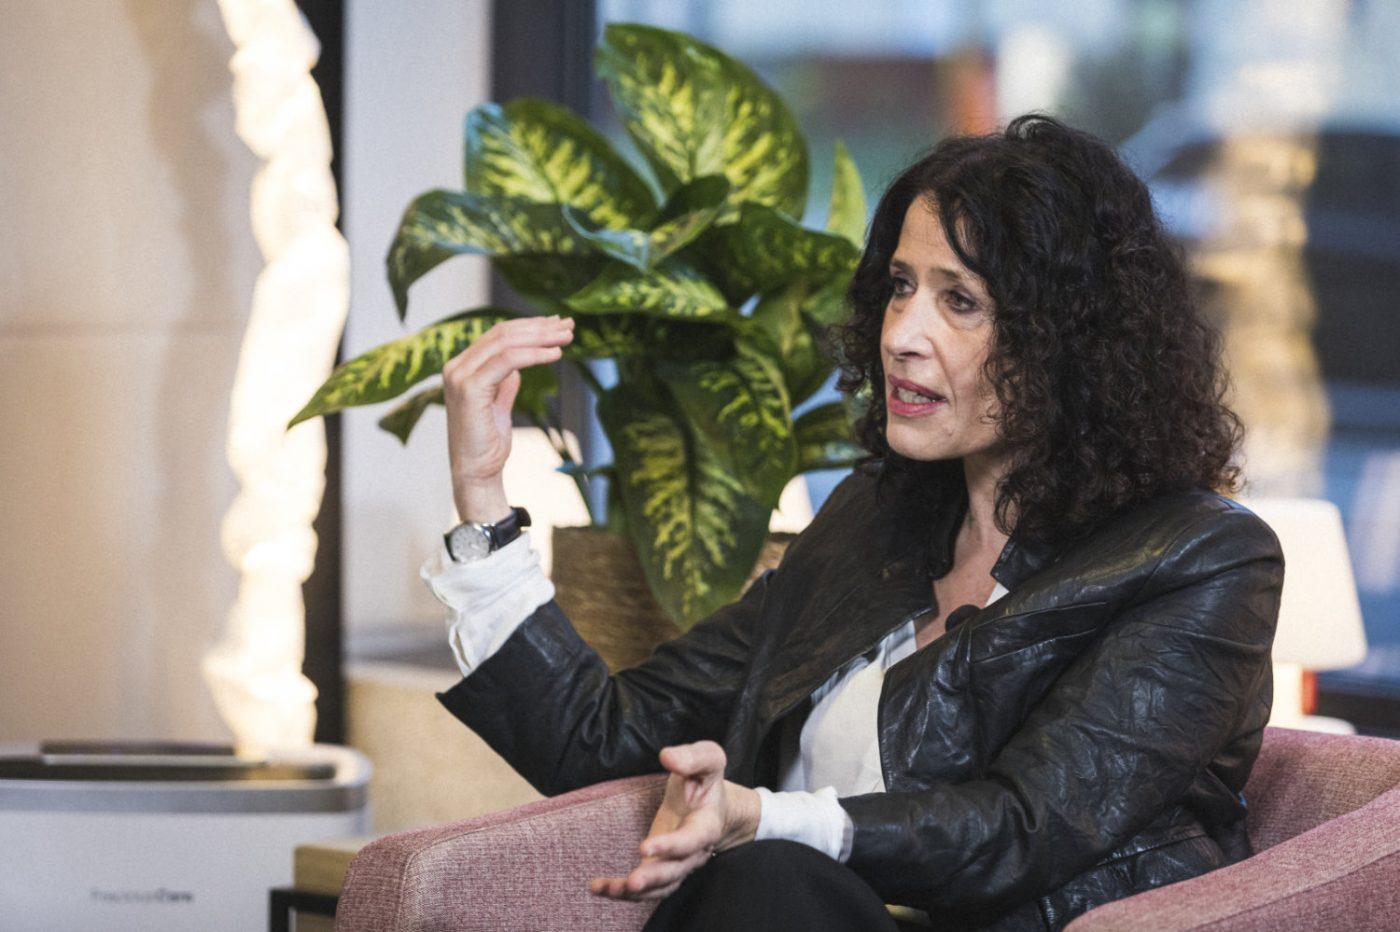 Bettina Jarrasch im Gespräch mit Markus Beeth